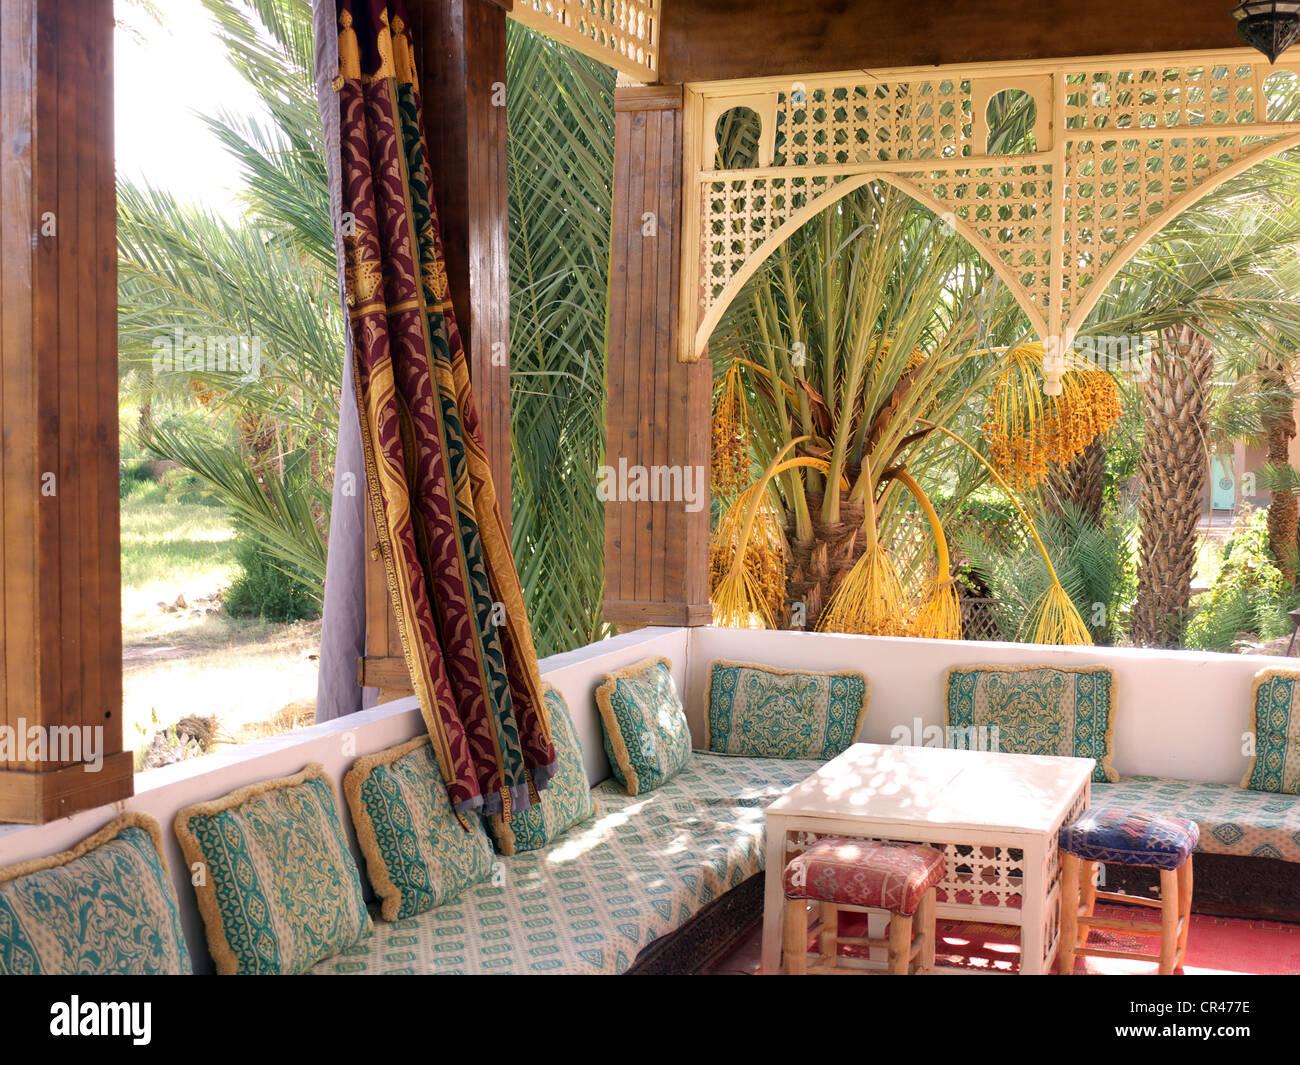 Traditionelles Marokkanische Dekor In Einem Riad Im Kasbah Stil Umgewandelt  Hotel, Agdz, Draa Tal, Marokko, Nordafrika, Afrika